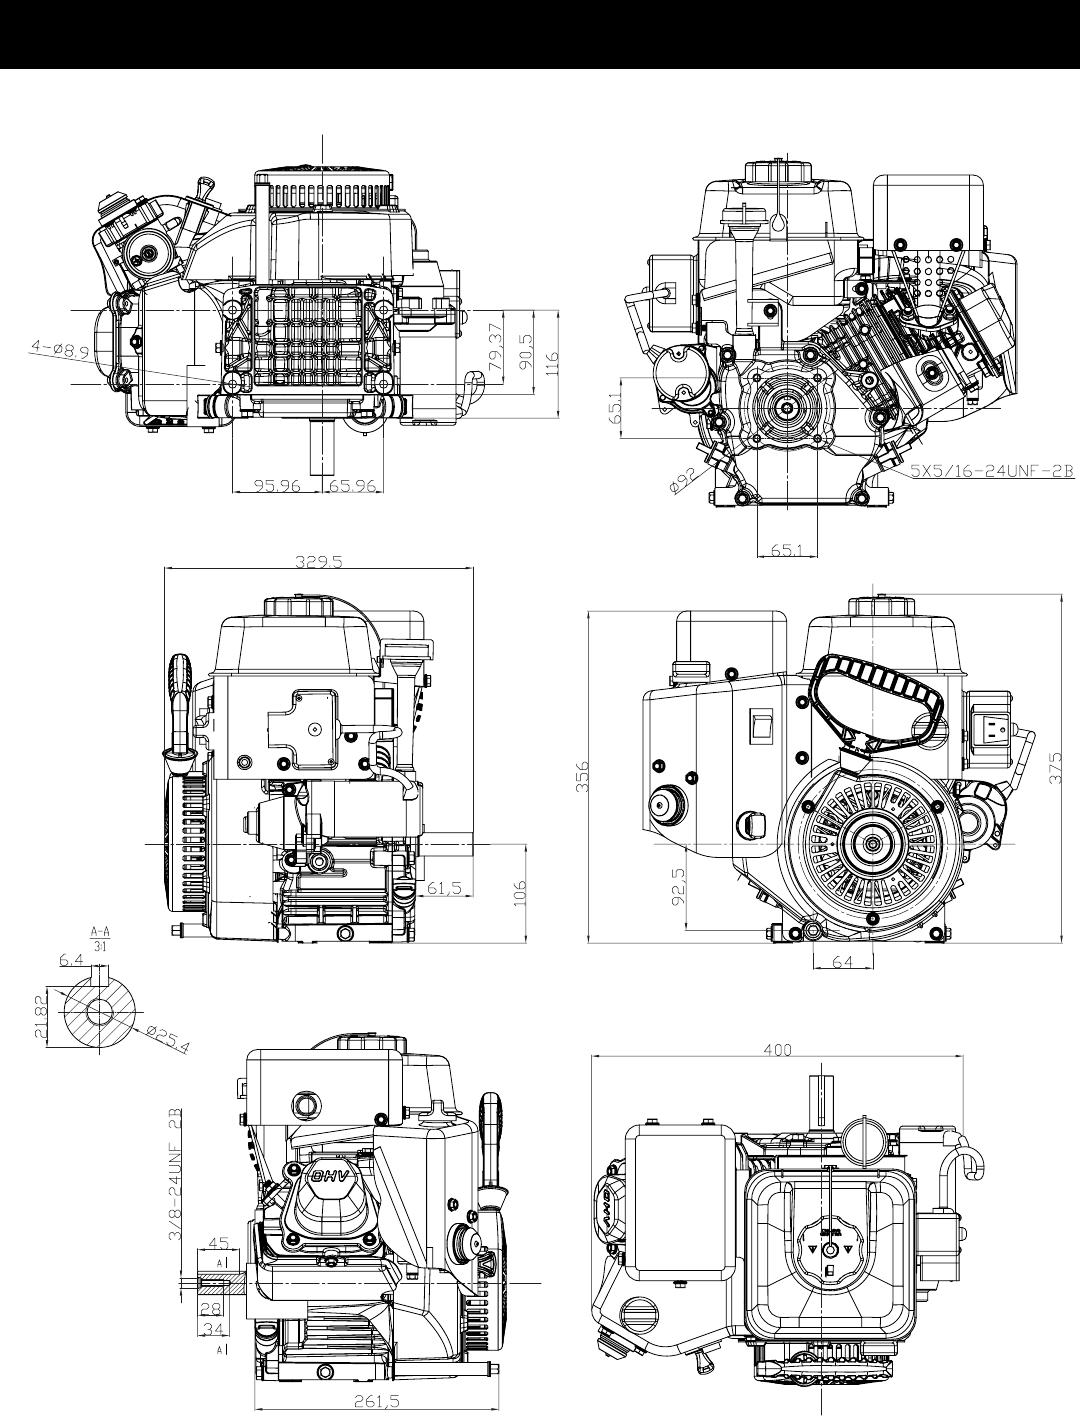 lct engine wiring diagram wm 5386  lct engine wiring diagram wiring diagram  lct engine wiring diagram wiring diagram